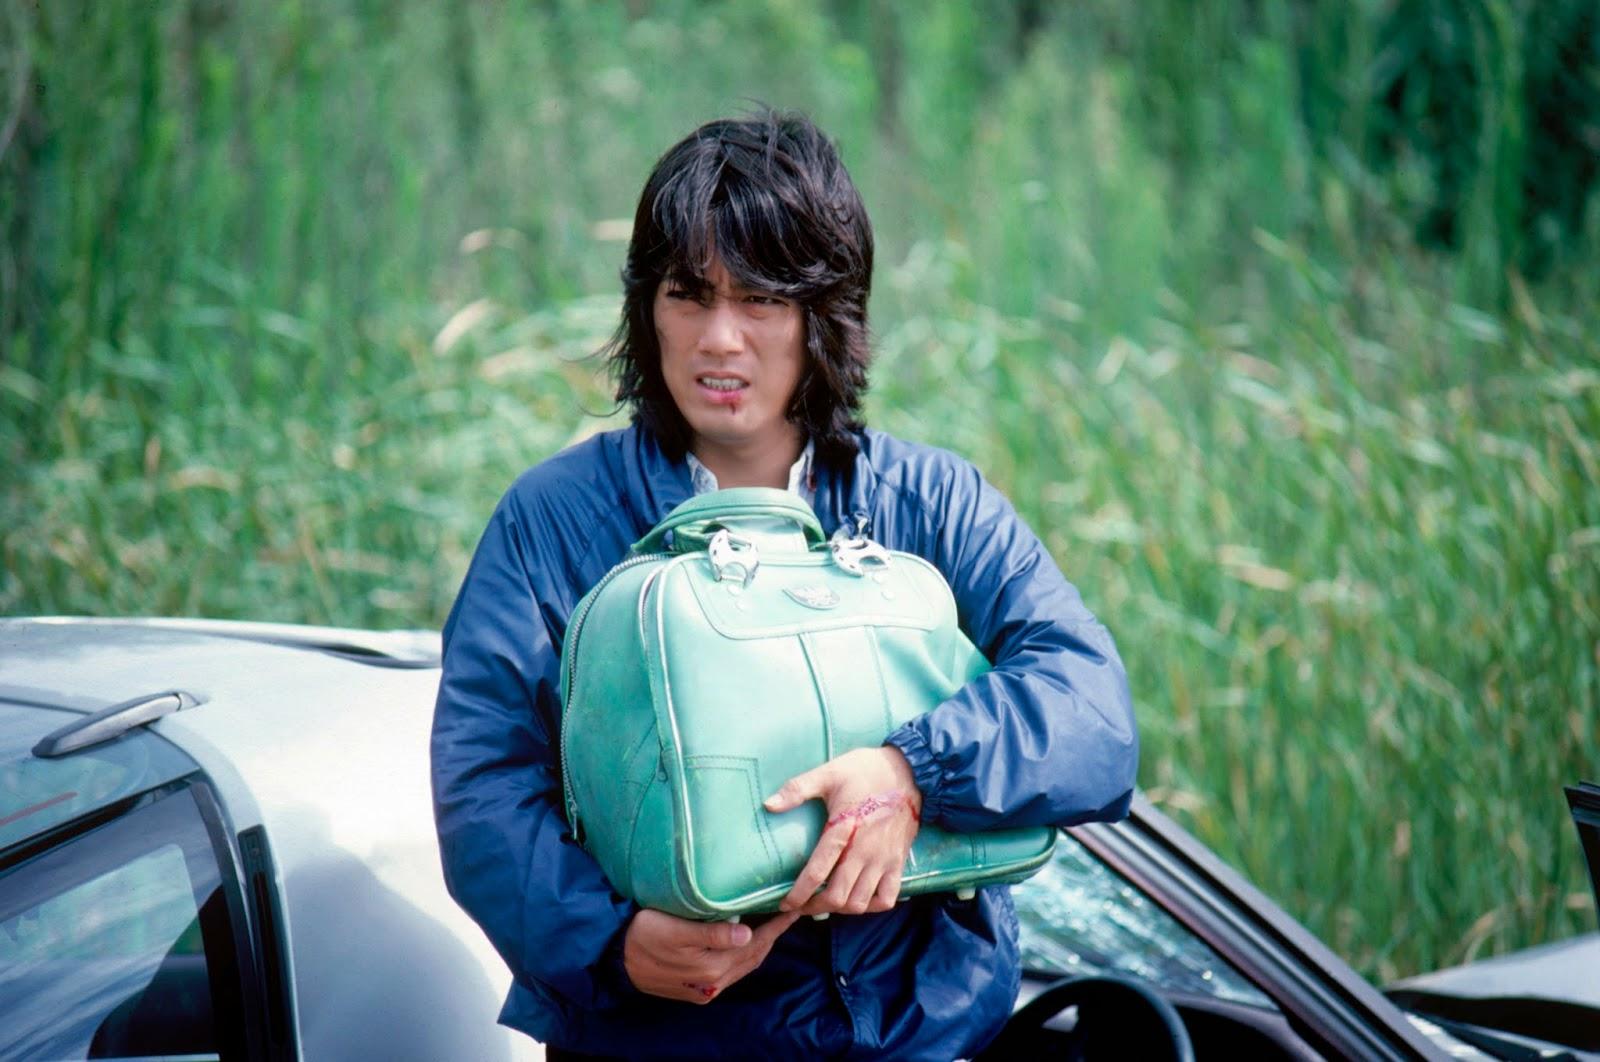 沢田研二が出演した映画、若い頃のジュリー&田中裕子とツーショットのサムネイル画像